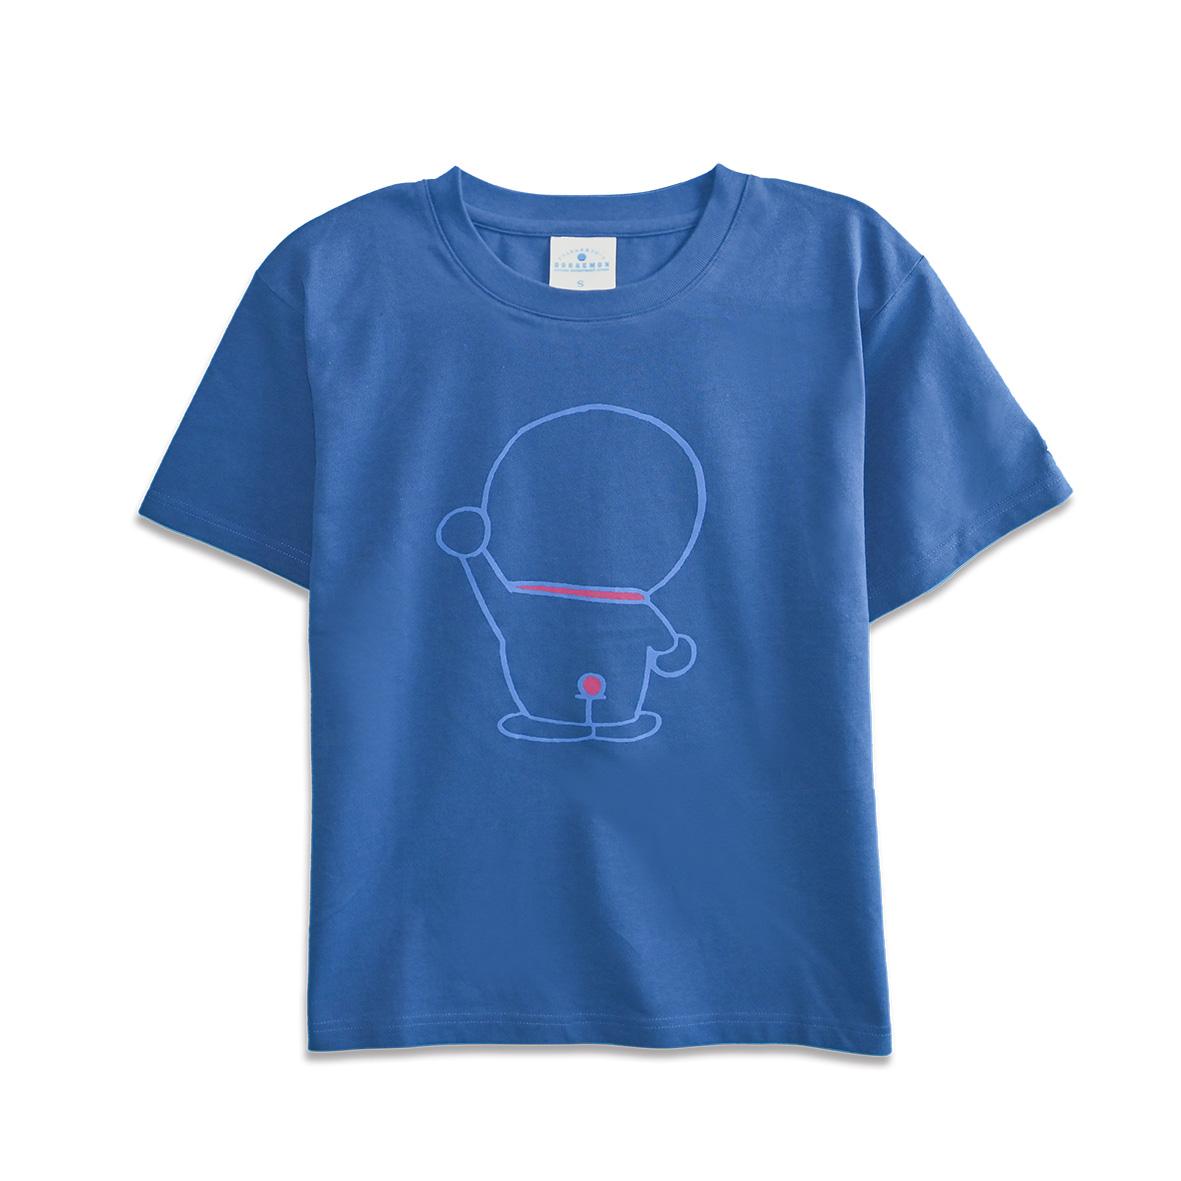 Tシャツ ドラえもん後ろすがた ブルー L